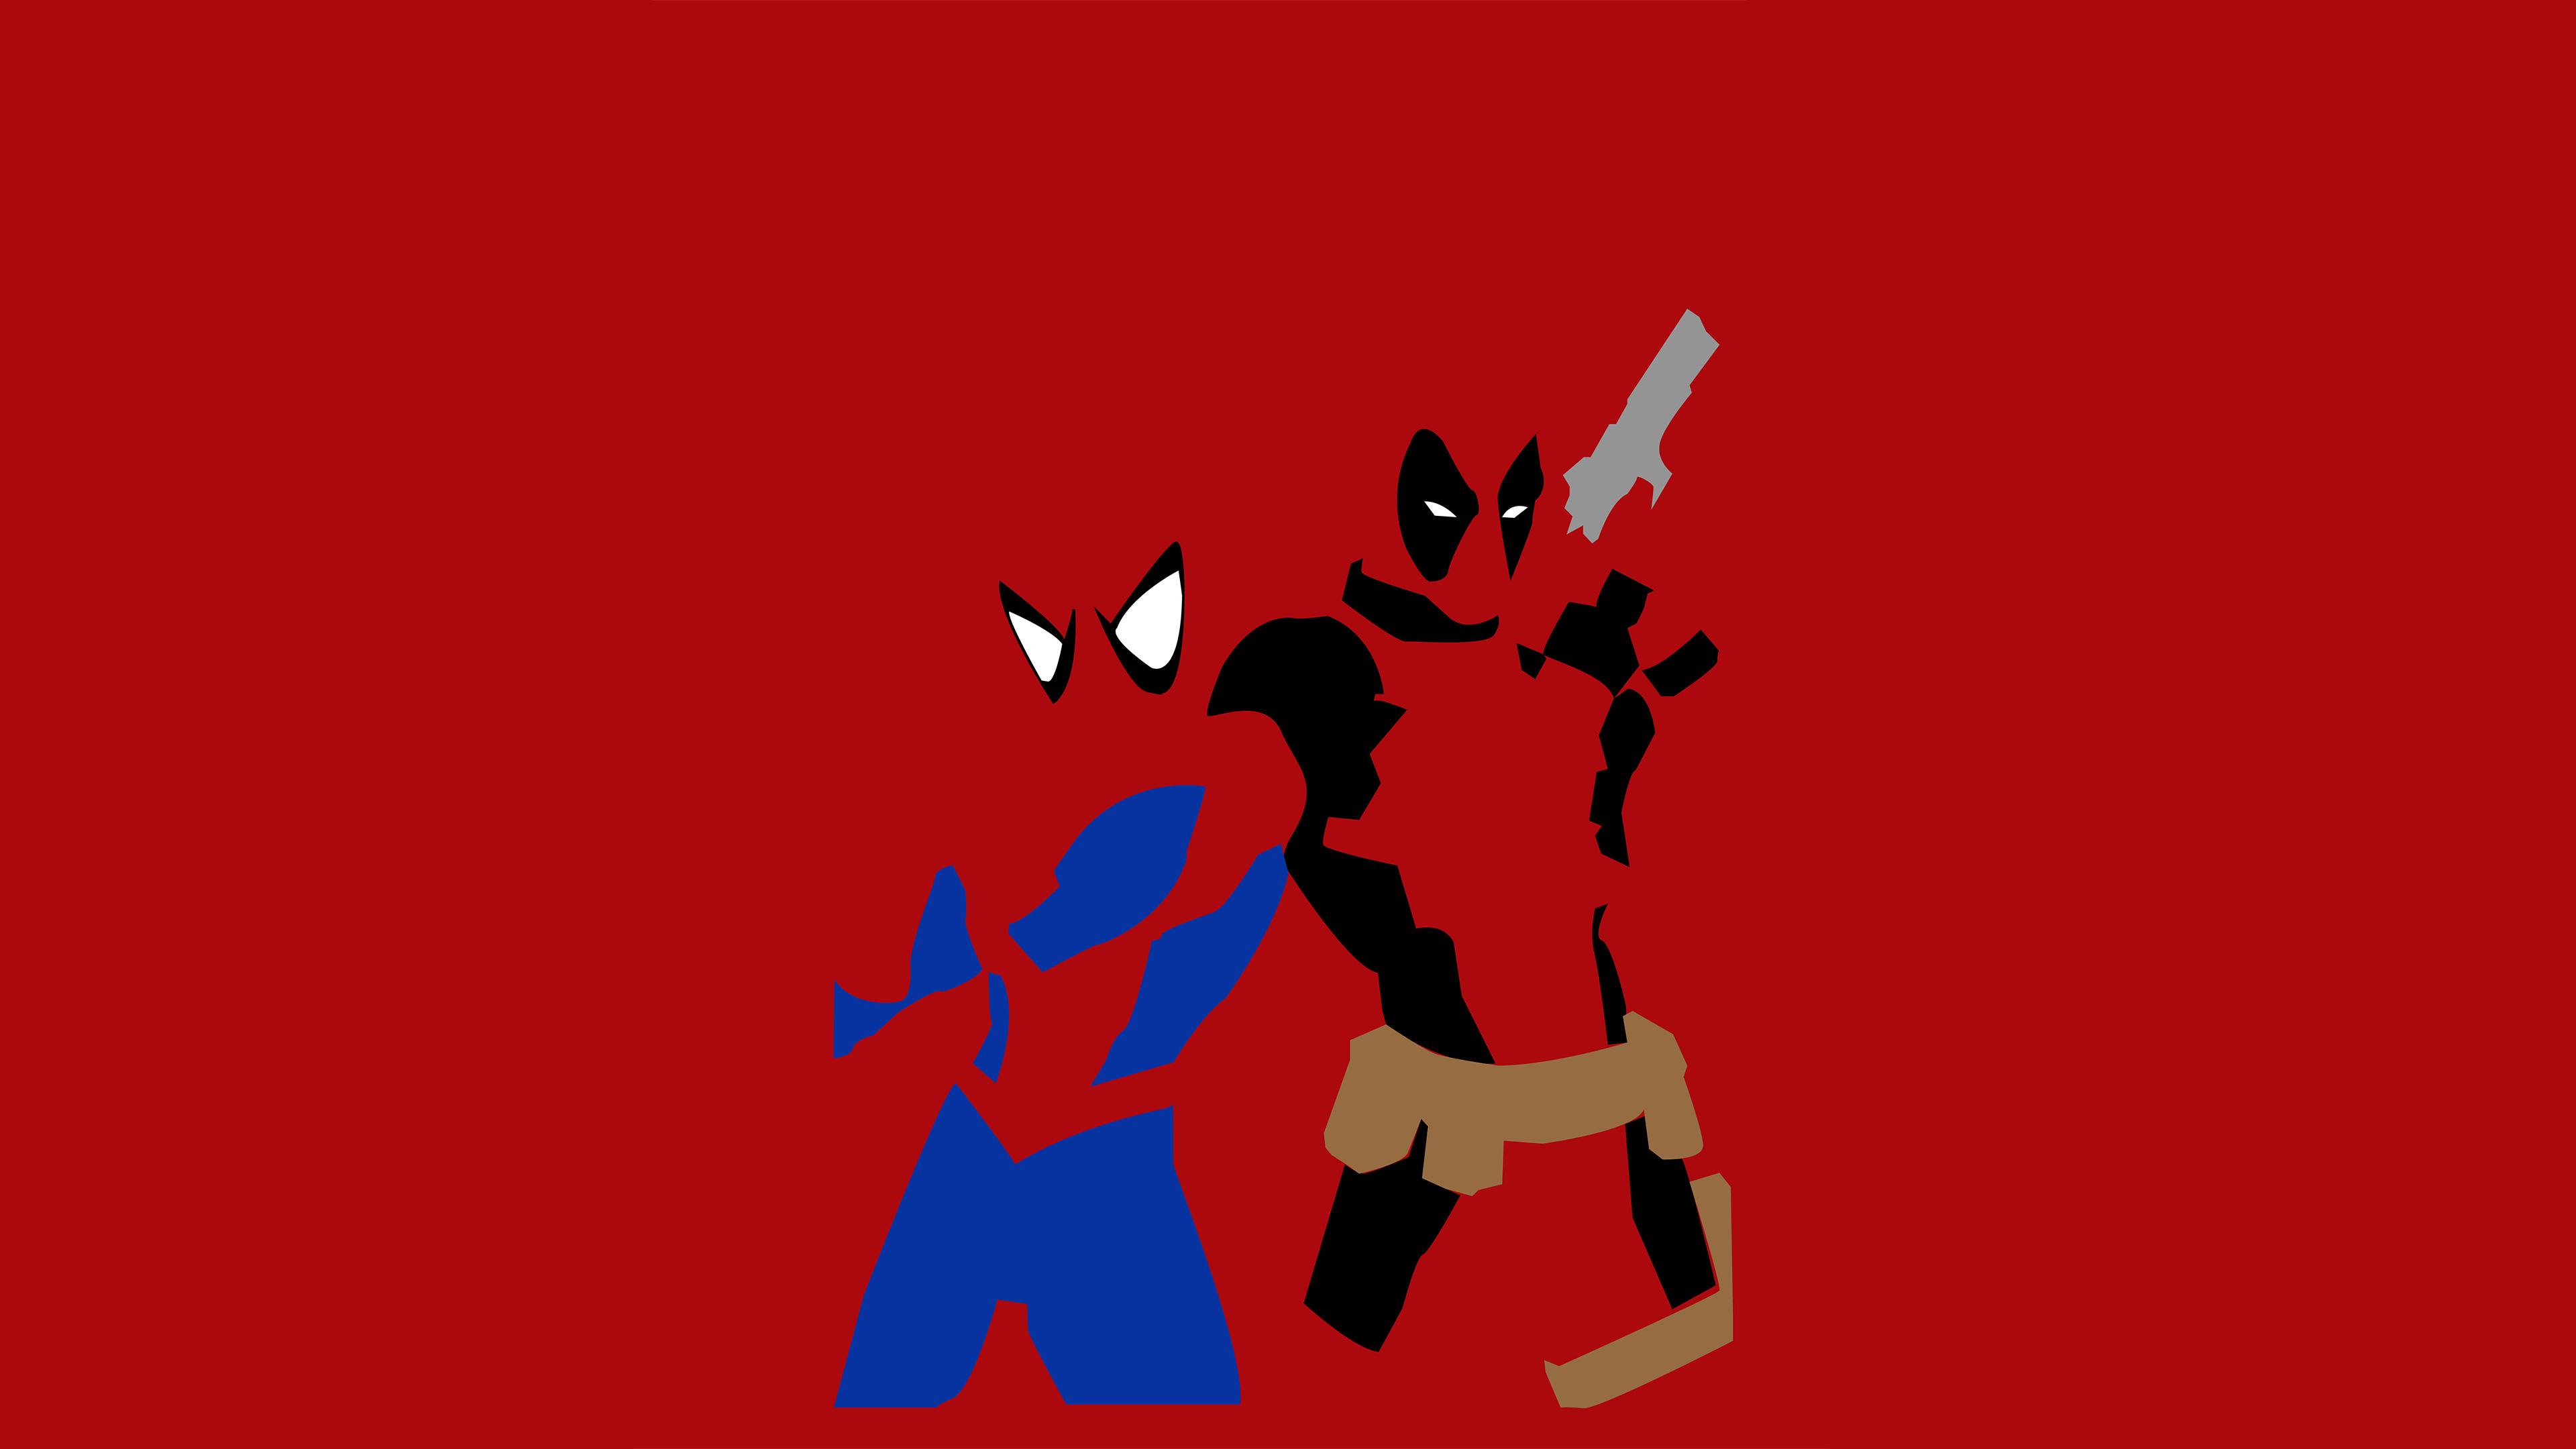 Spiderman And Deadpool Minimalism